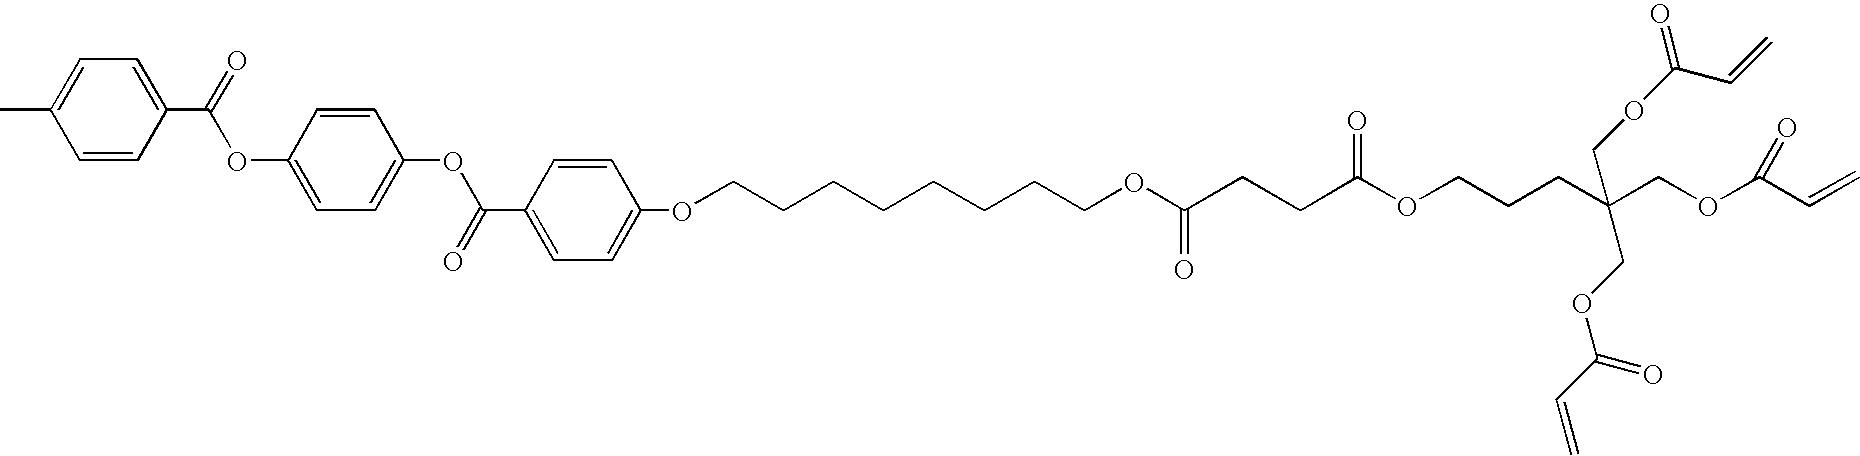 Figure US20100014010A1-20100121-C00139